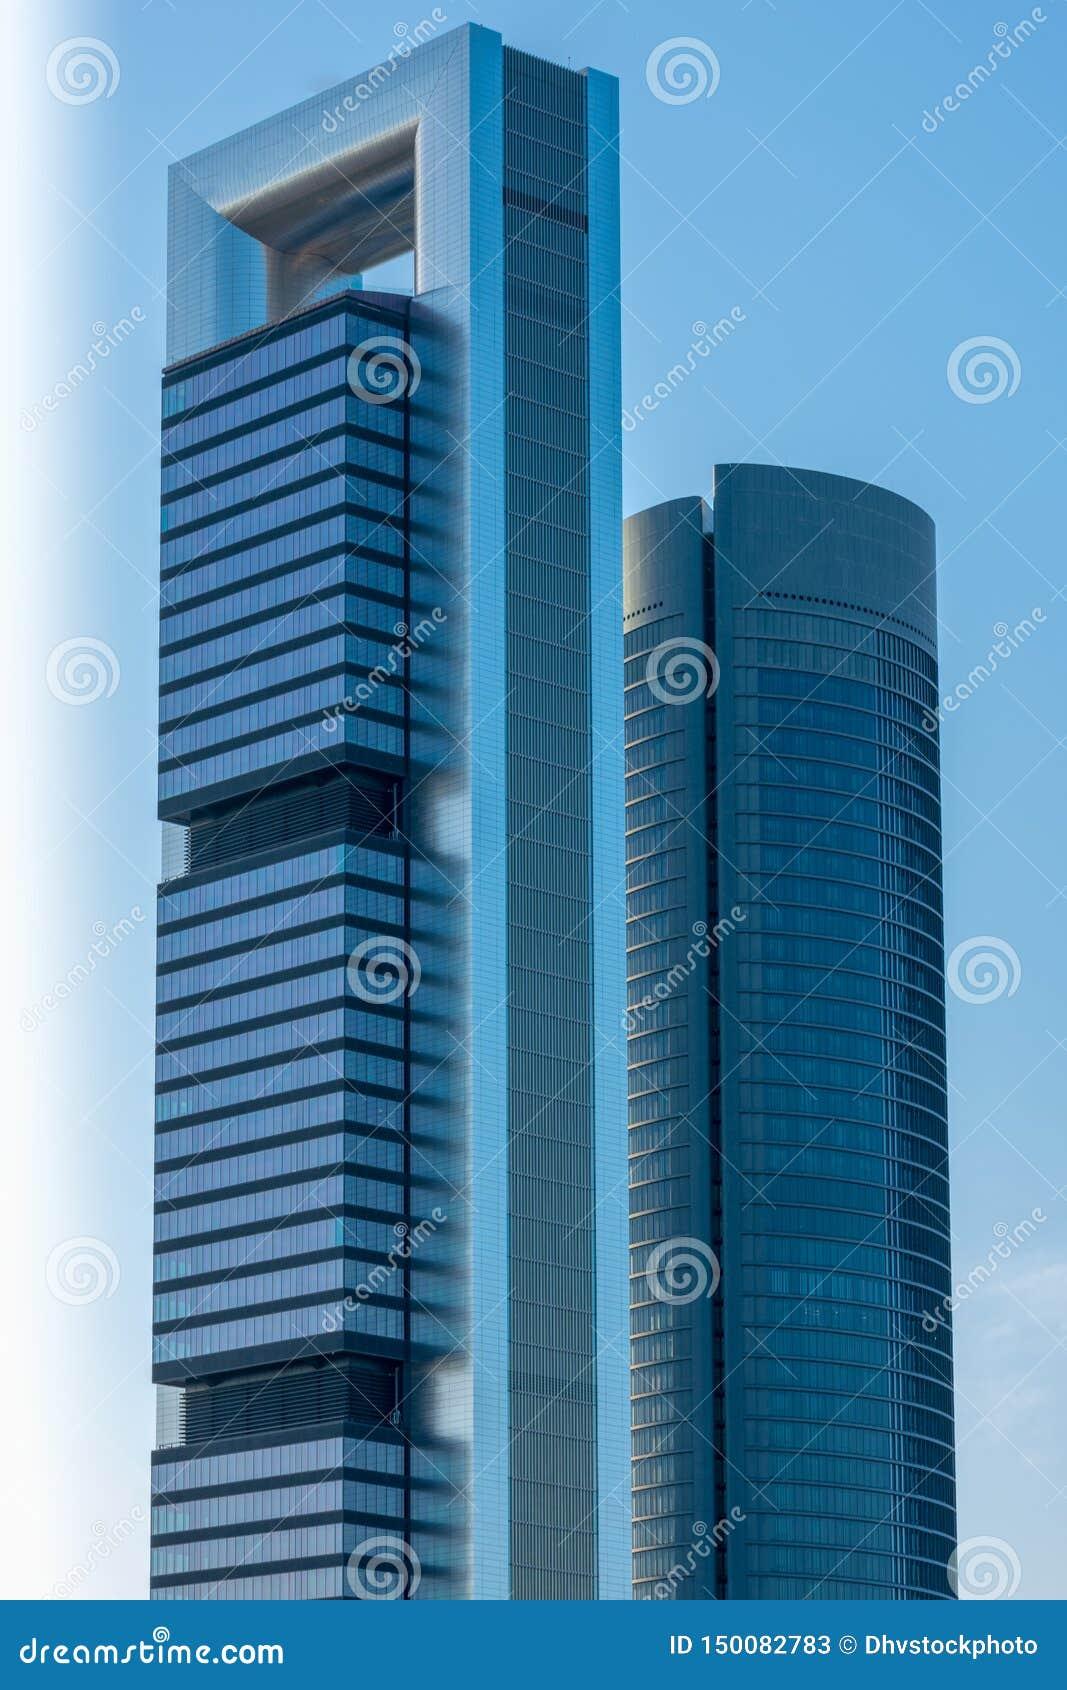 Towers in Madrid skyline, Spain